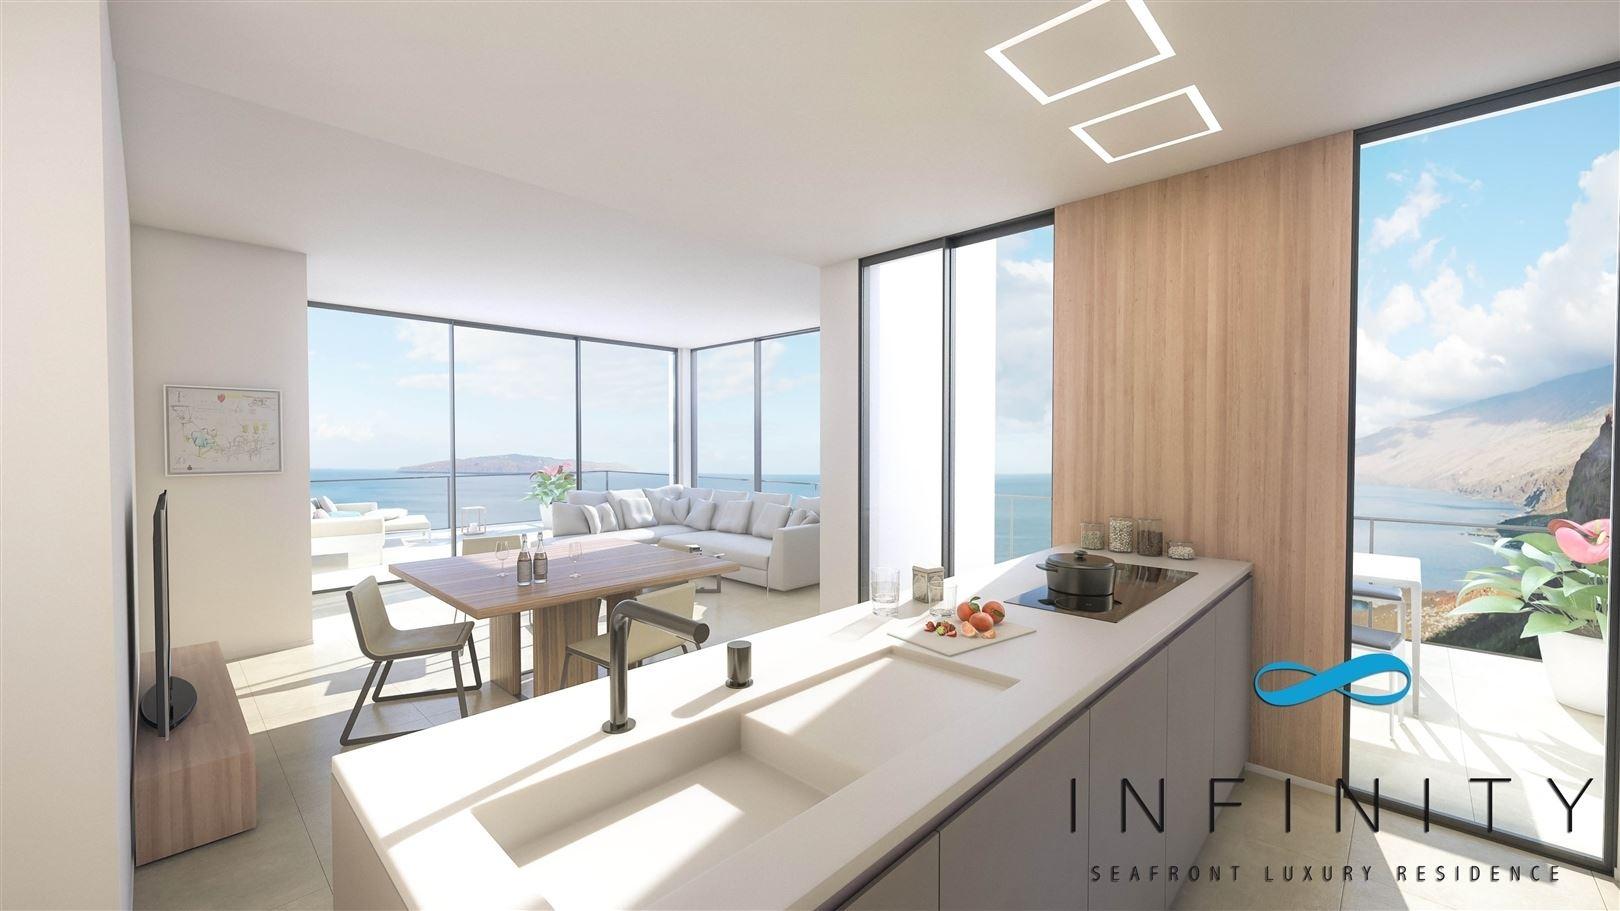 Foto 3 : Appartement te 38632 PALM MAR (Spanje) - Prijs Prijs op aanvraag